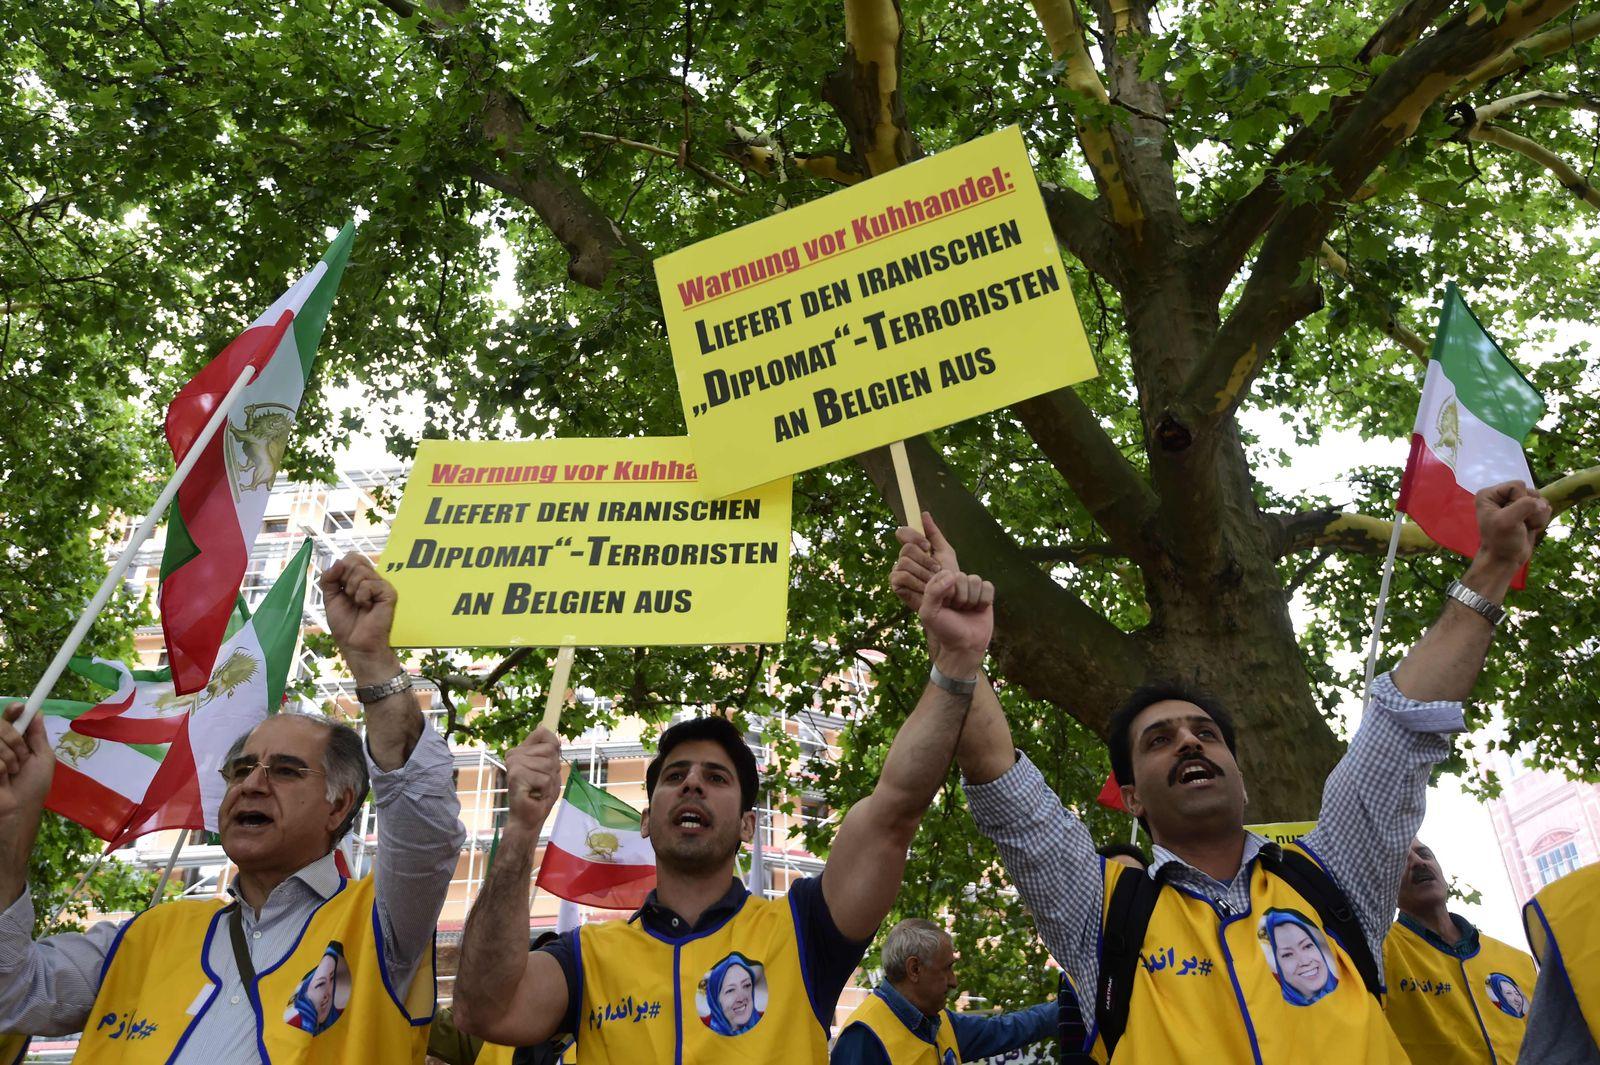 Auslieferung Iraner Belgien